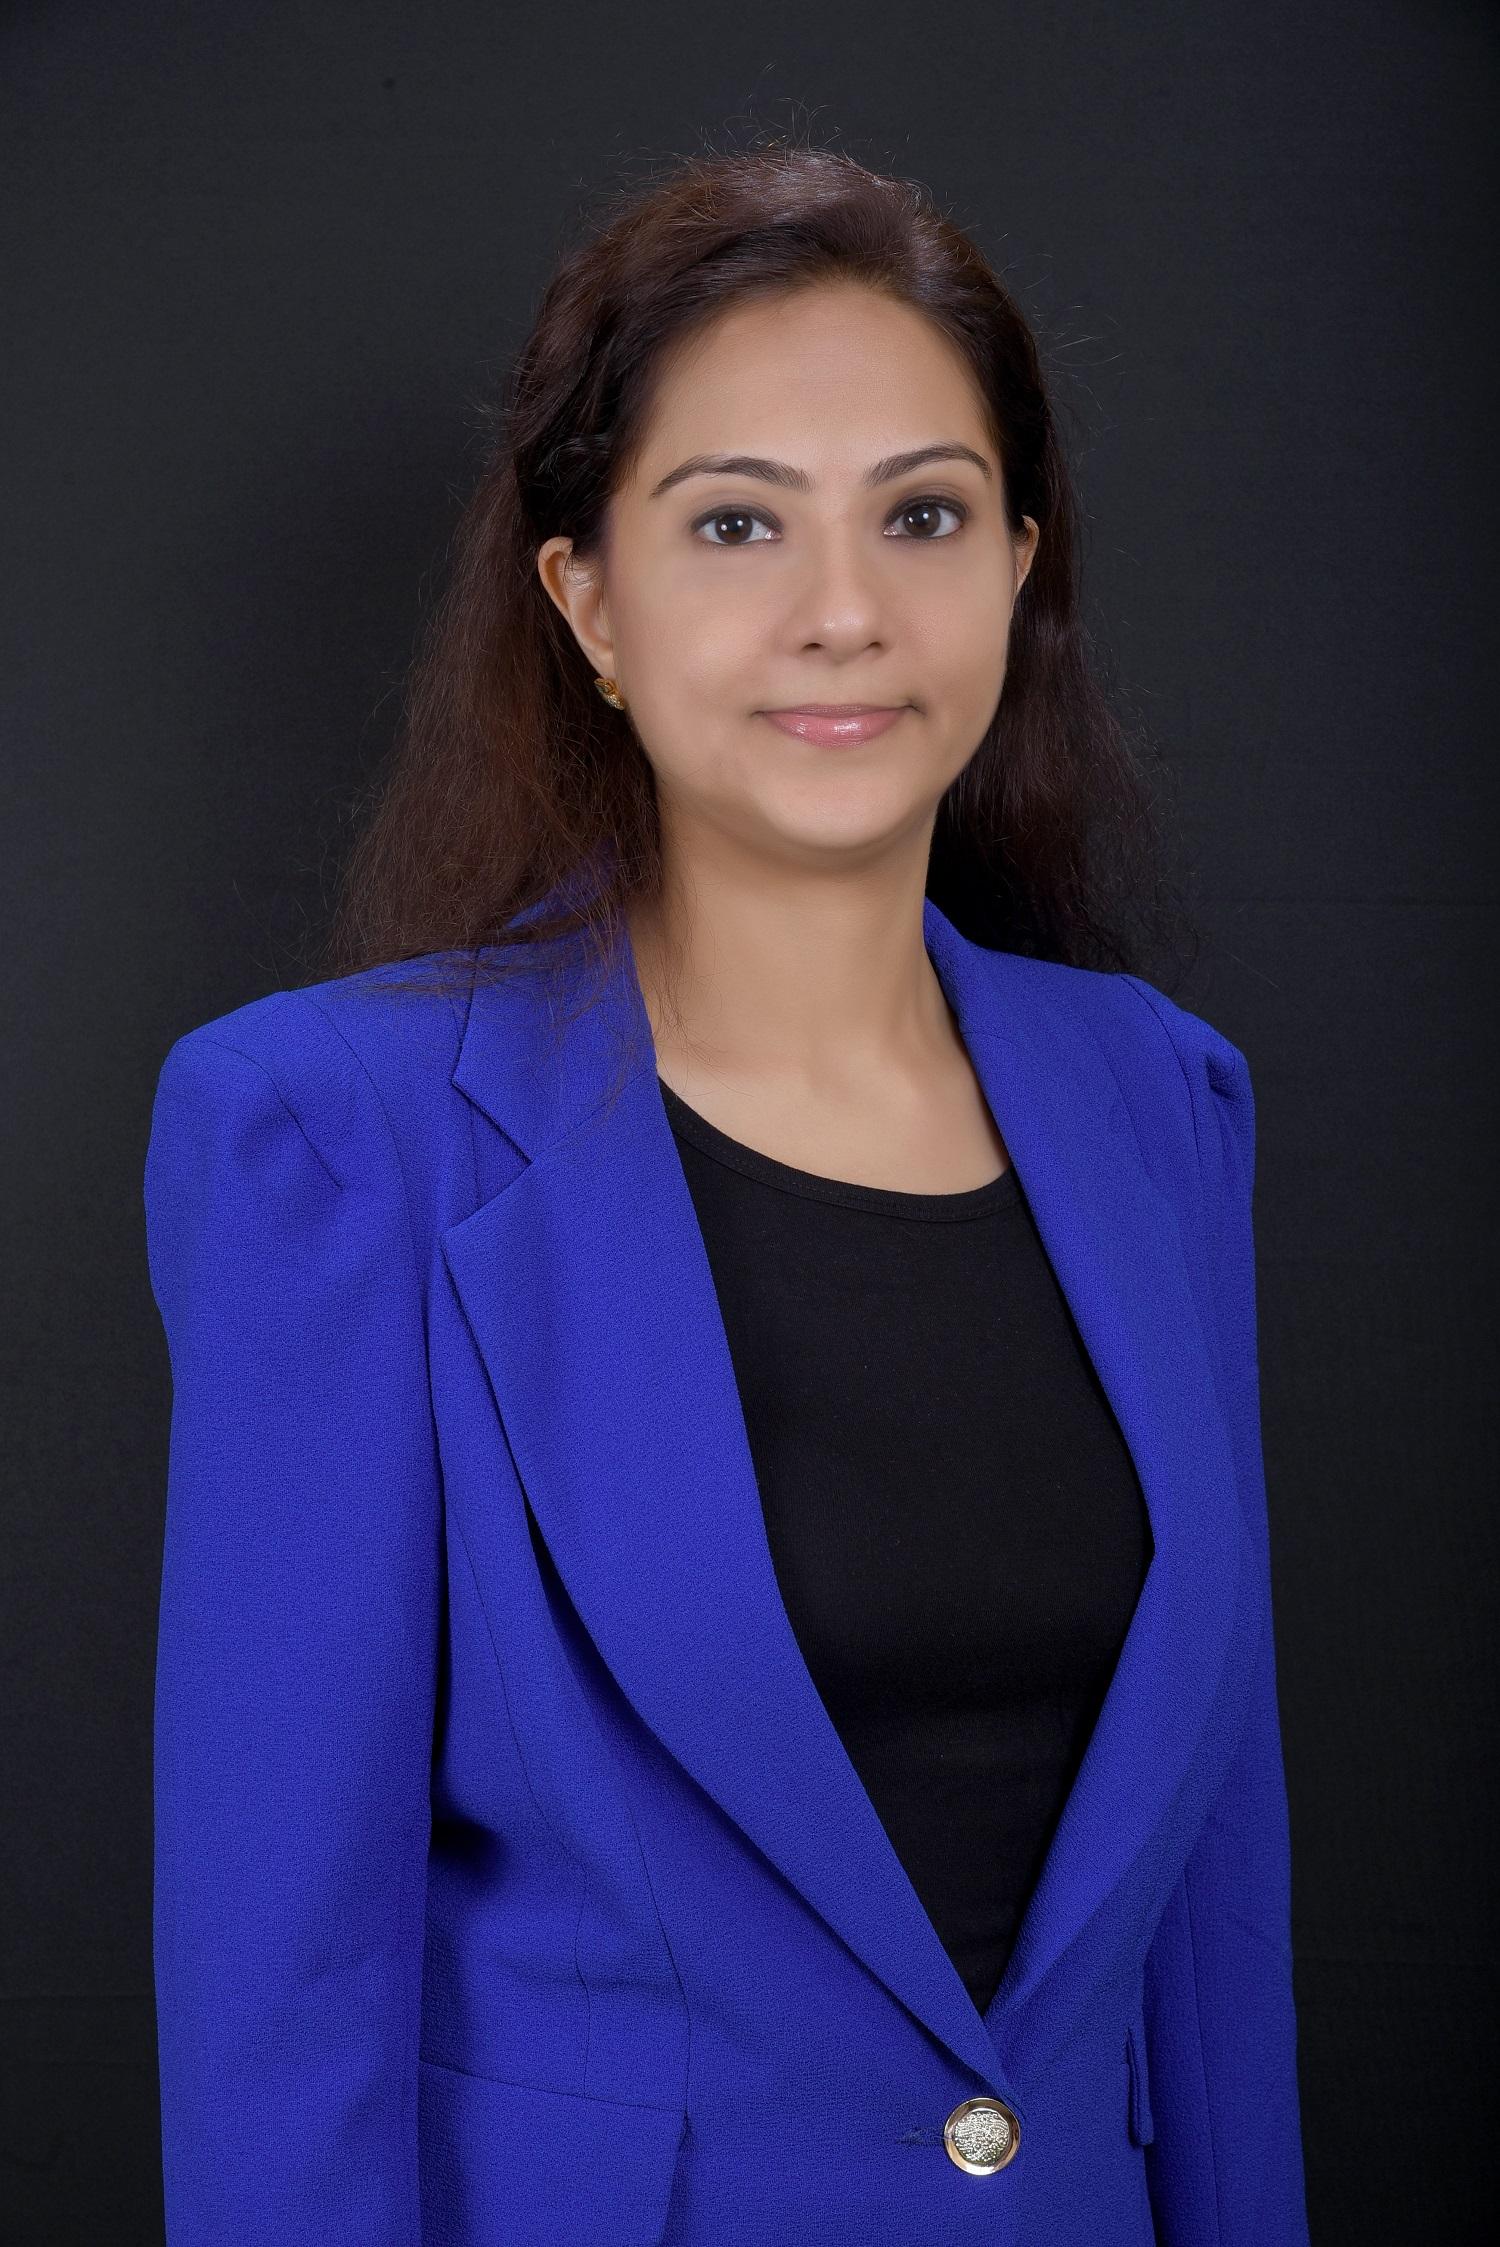 Natasha advani Profile